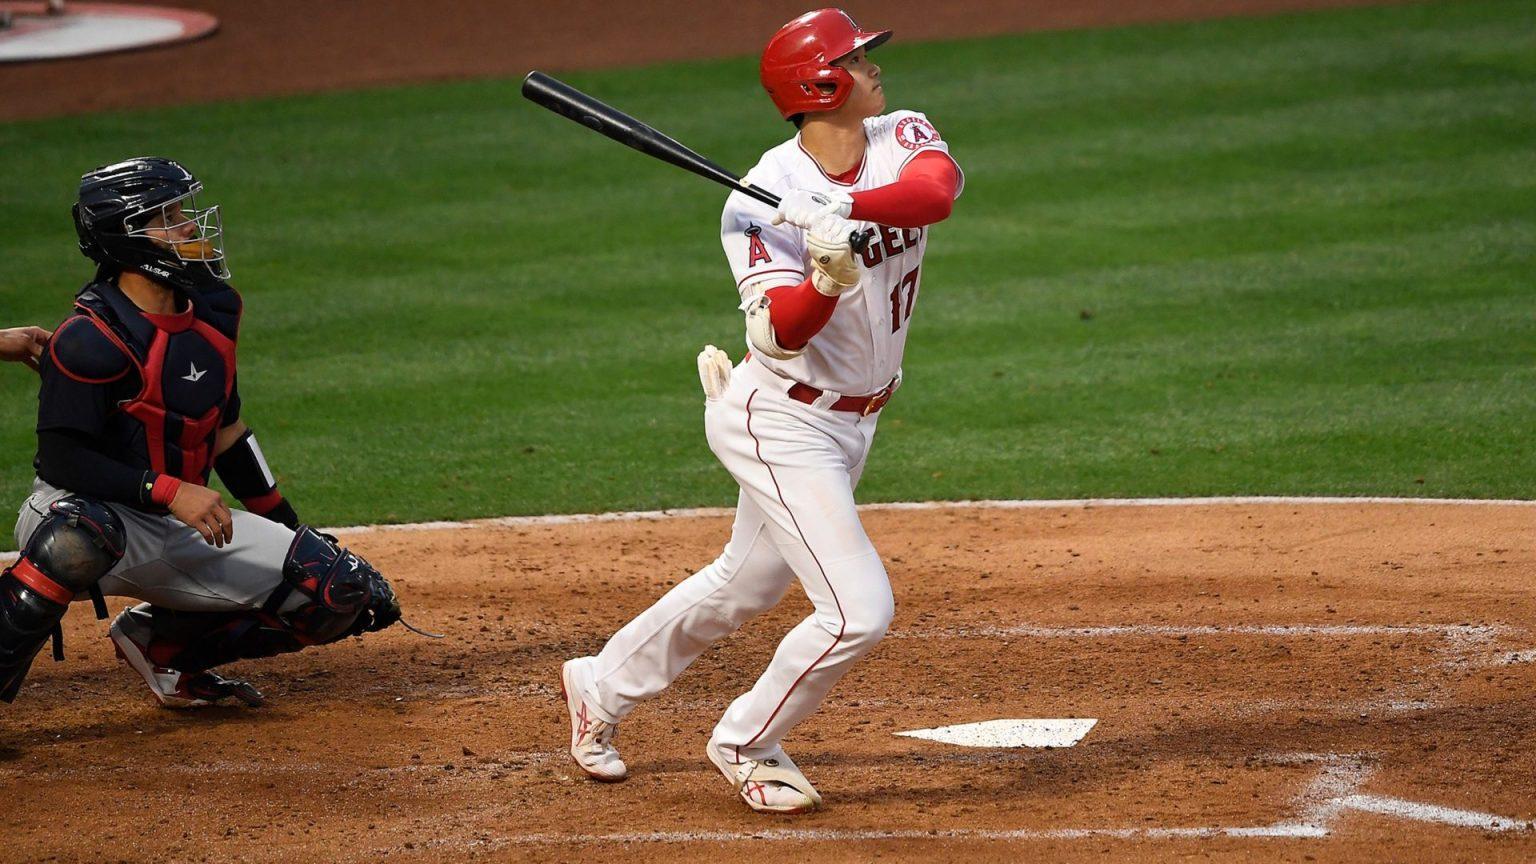 Un jugador de béisbol con un bate de béisbol durante un partido  Descripción generada automáticamente